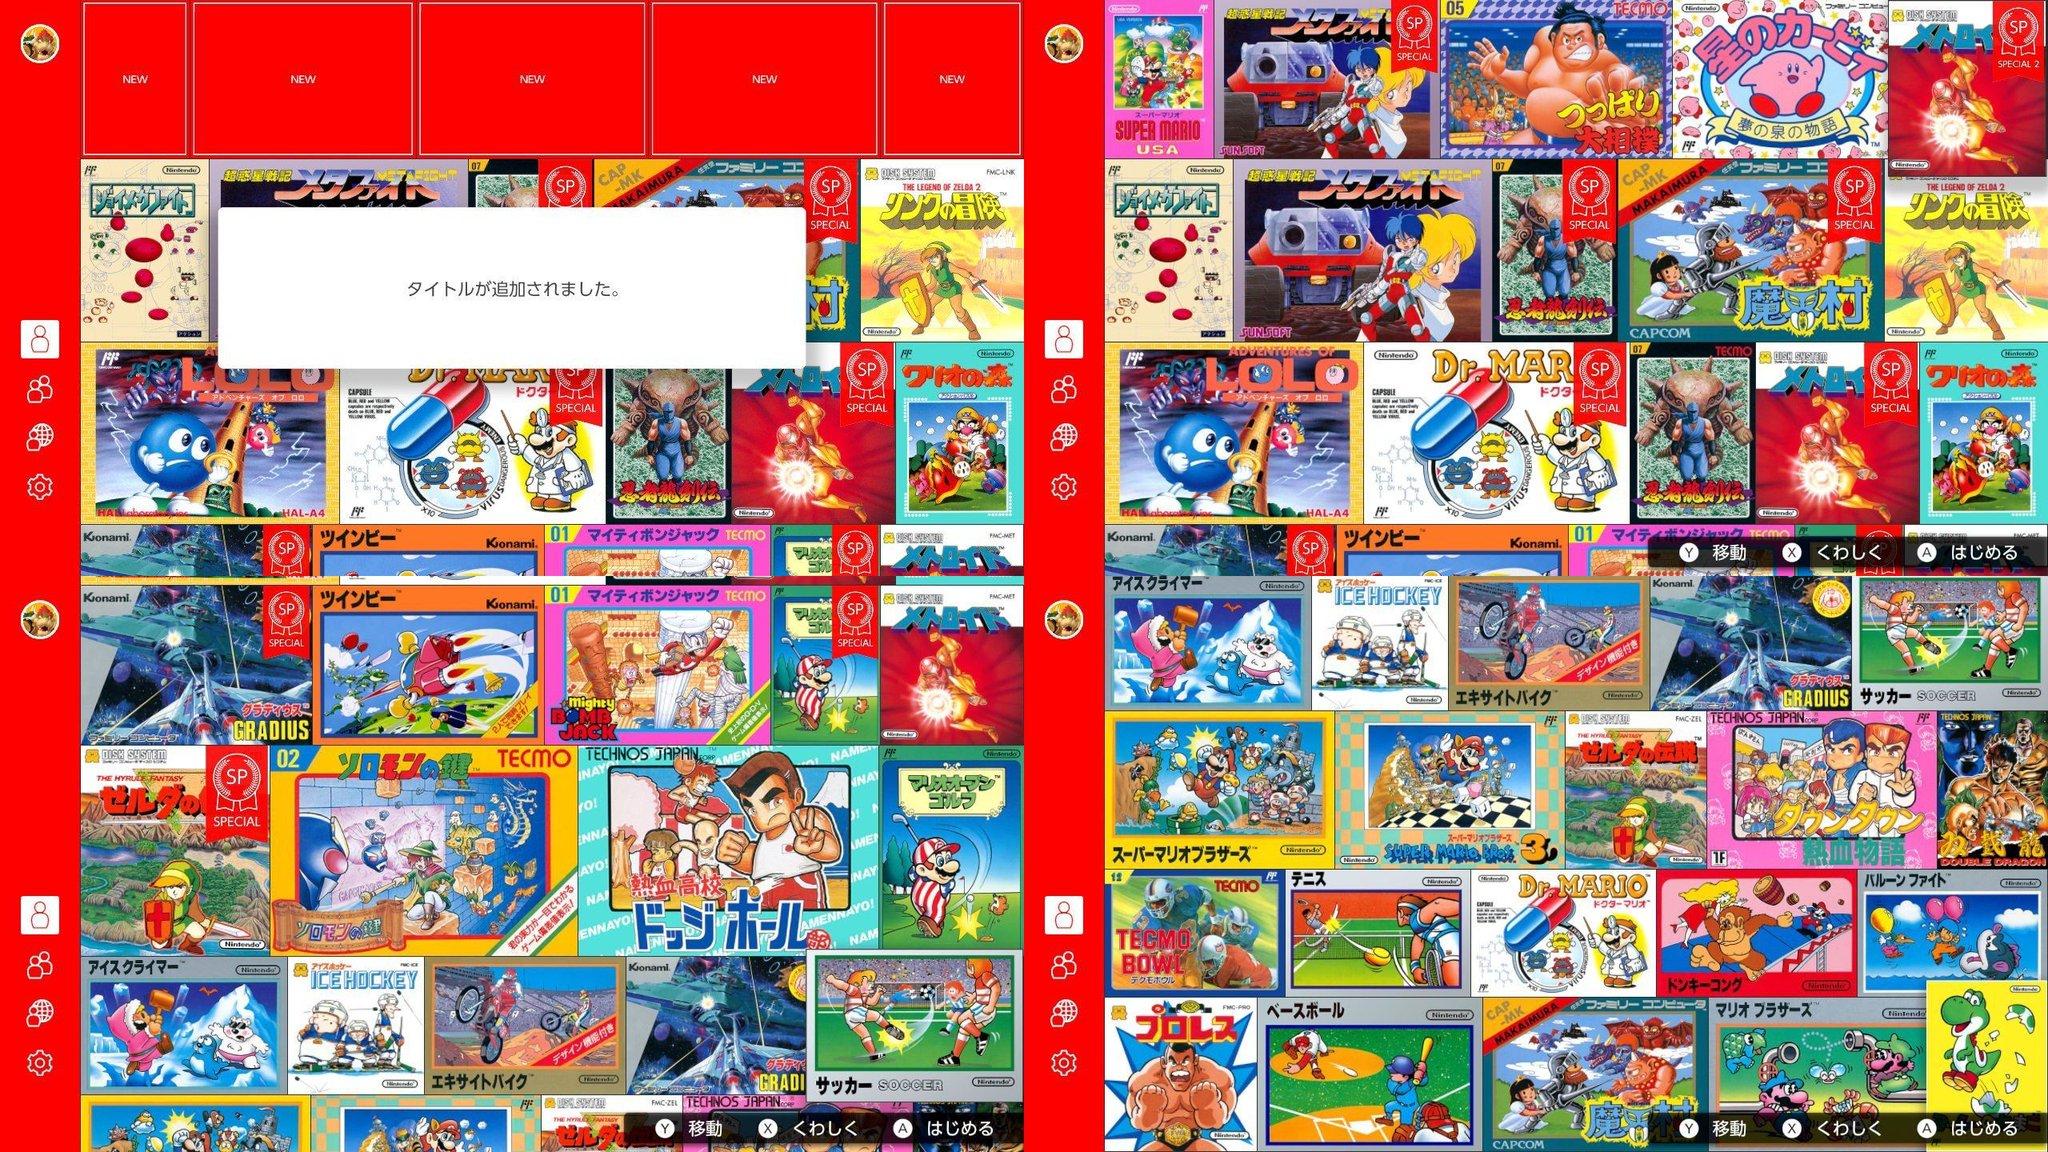 Nintendo Switch Online が更新されてファミコンのゲームが増えた。星のカービィ、つっぱり大相撲、スーパーマリオUSA、メトロイドなど。これでメトロイドは3つめなんだけど、どれだけ別バージョンがあるのか。。。 #ファミリーコンピュータ #NintendoSwitch https://t.co/ATCGhyt1hw